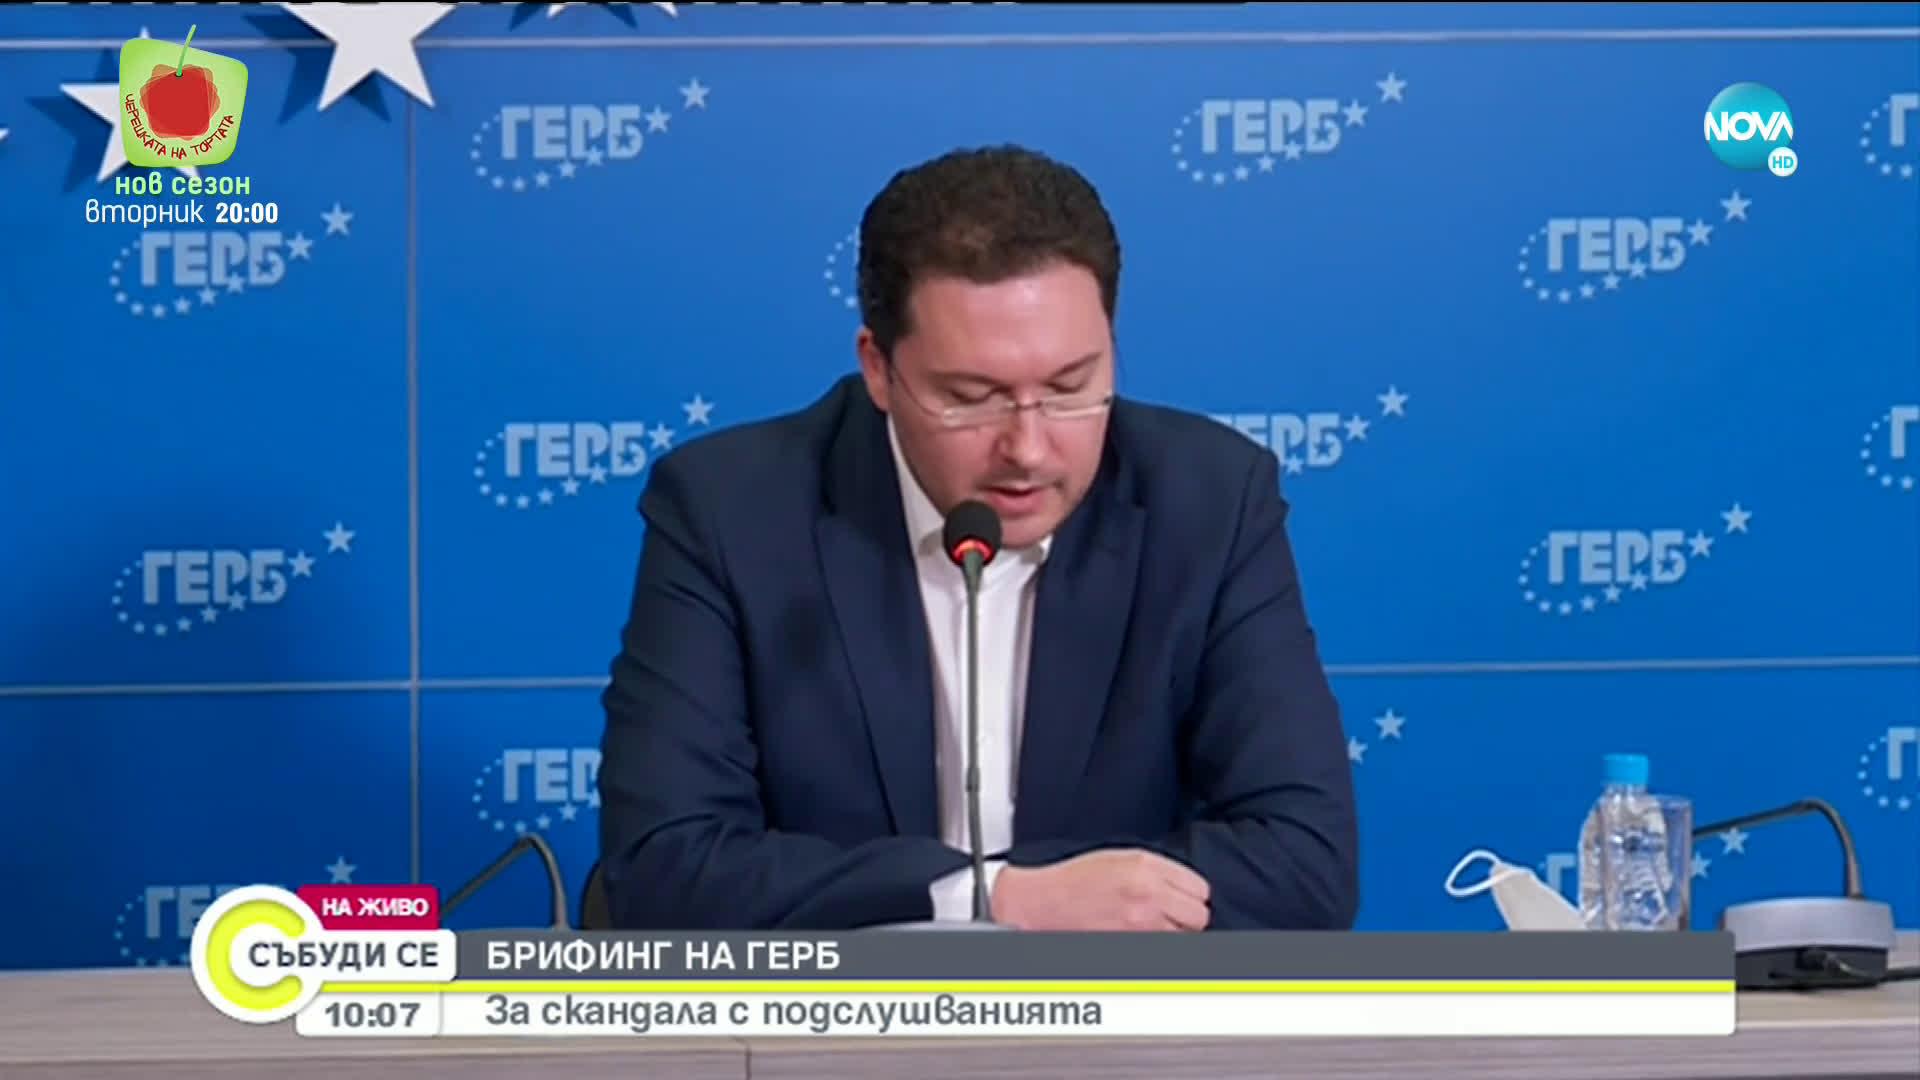 Даниел Митов: Радев не може да прости на службите, че разкриха руската шпионска мрежа